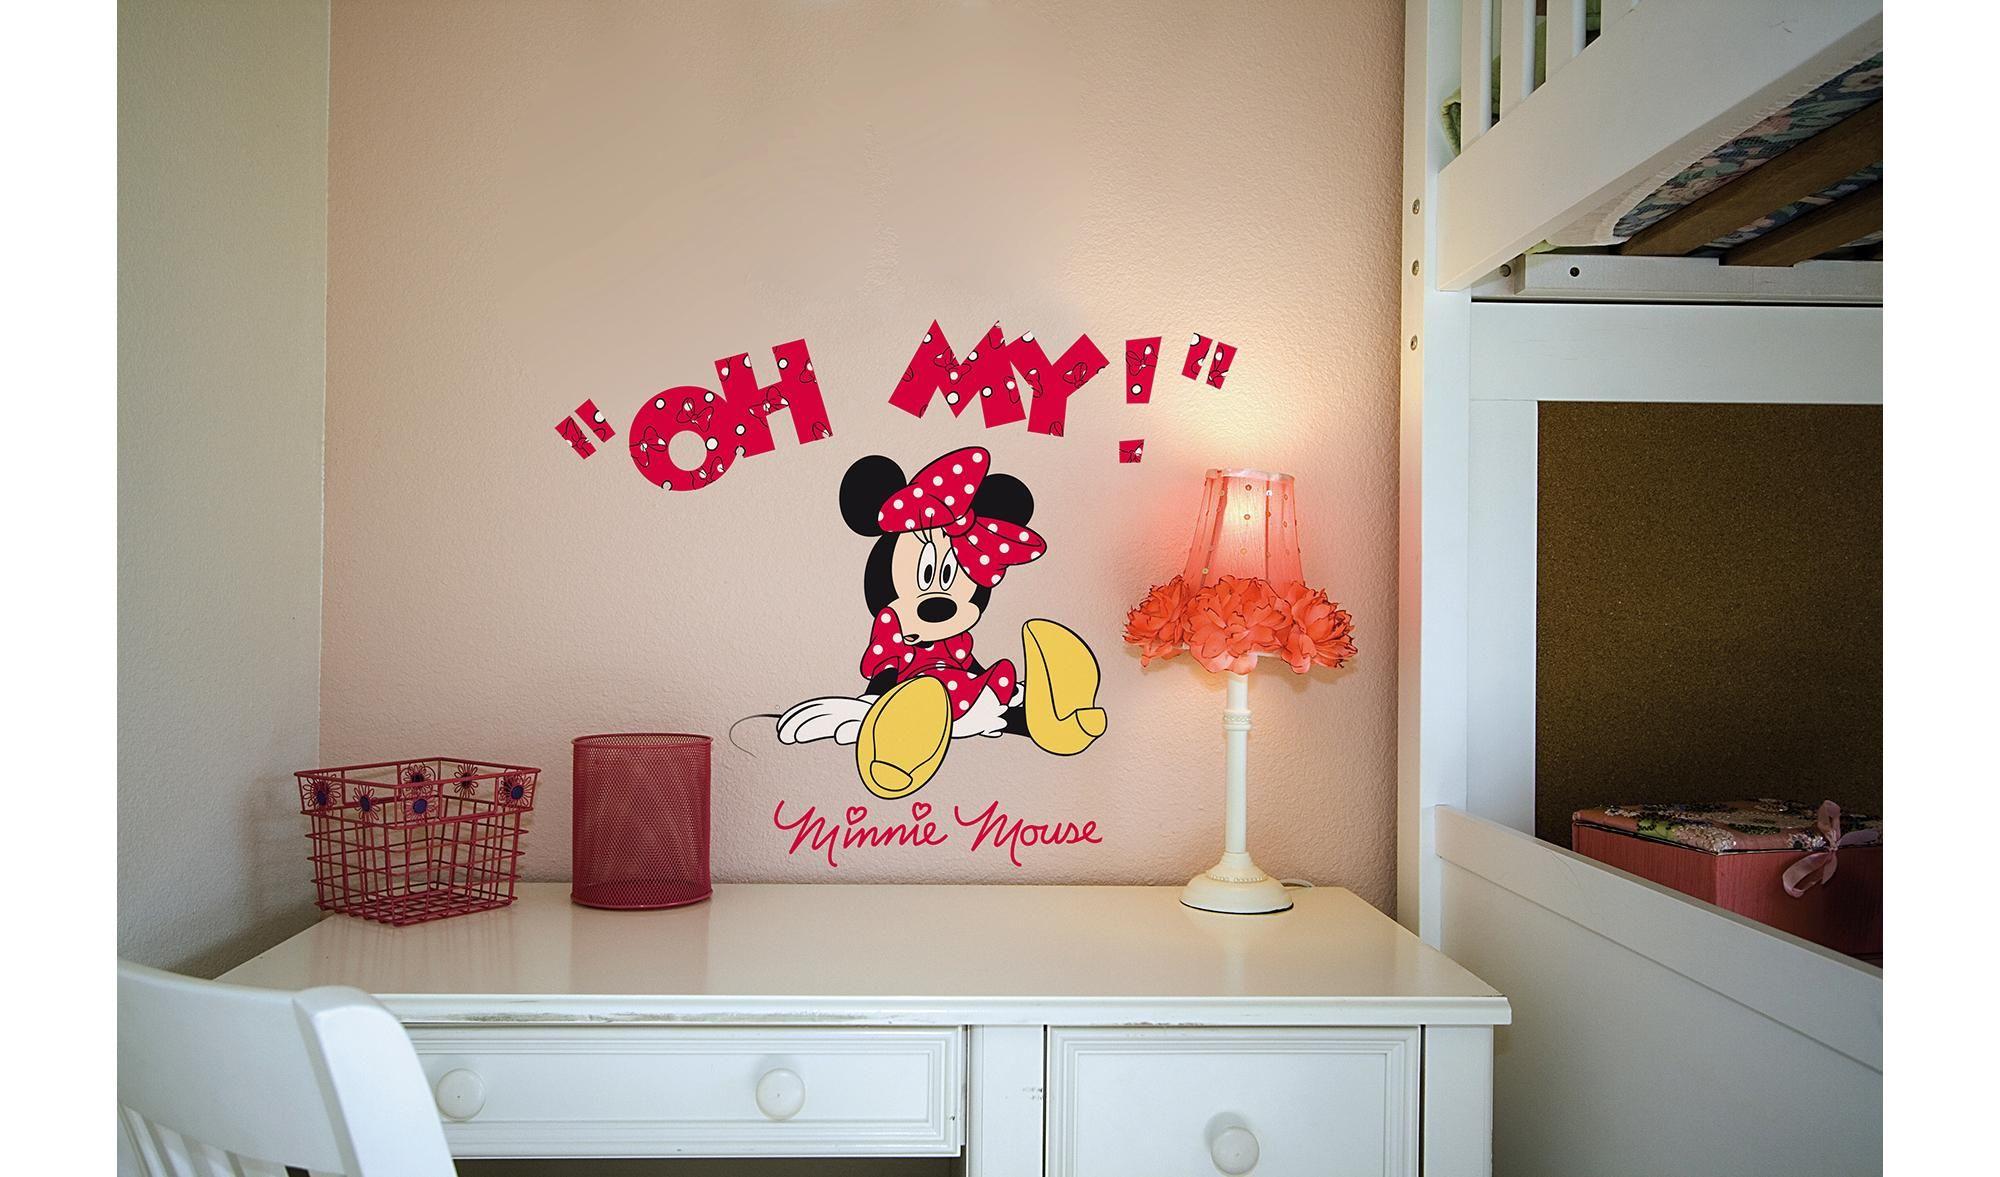 Camerette dwg ~ Young o babies decorazioni adesivi adatte ai muri delle camerette